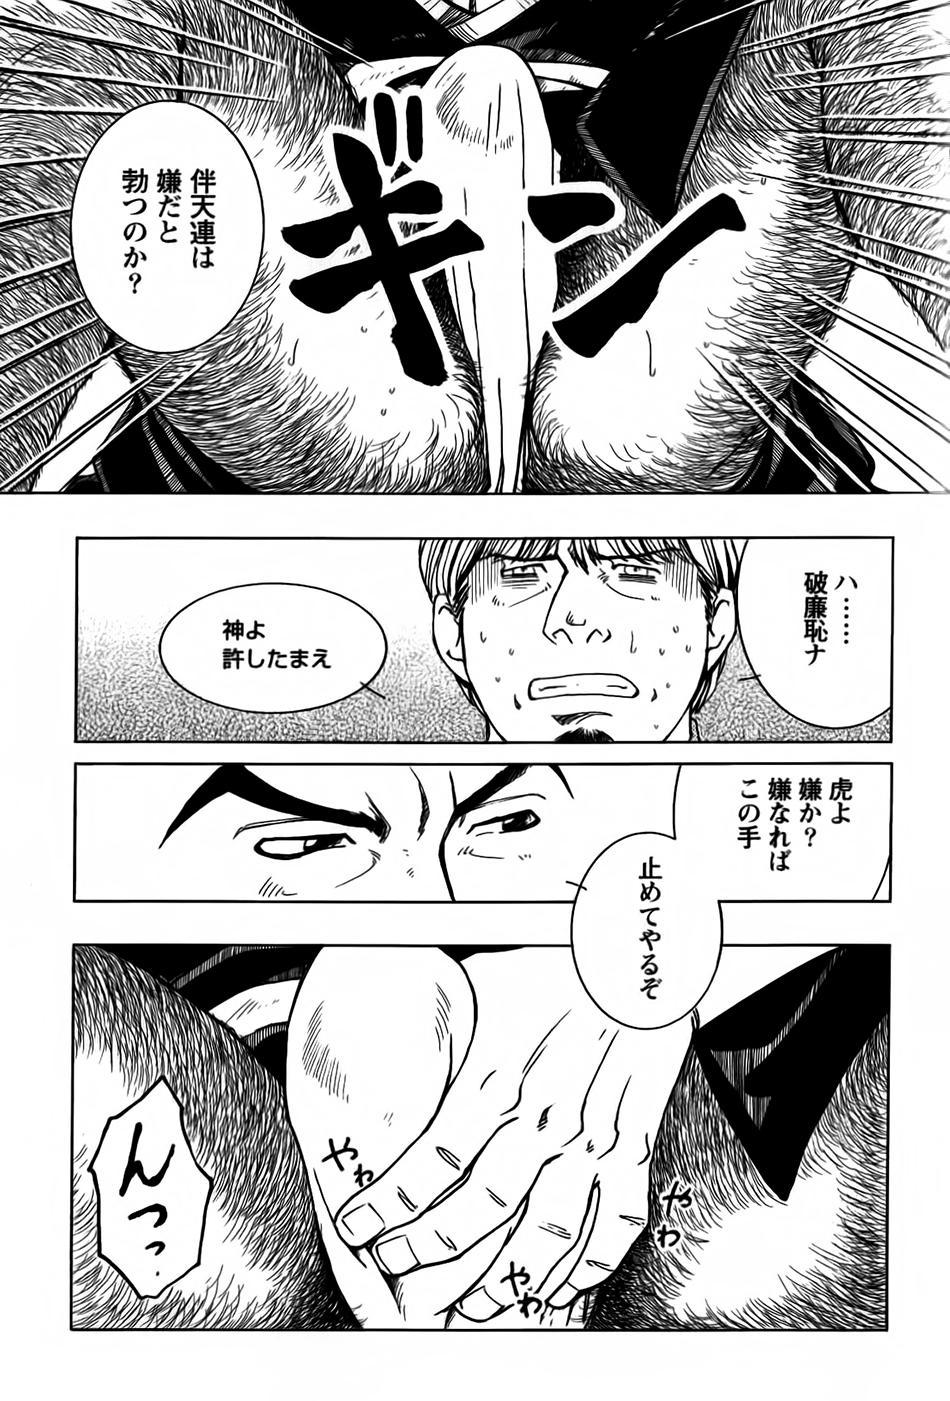 Nobunaga's lotion man 8